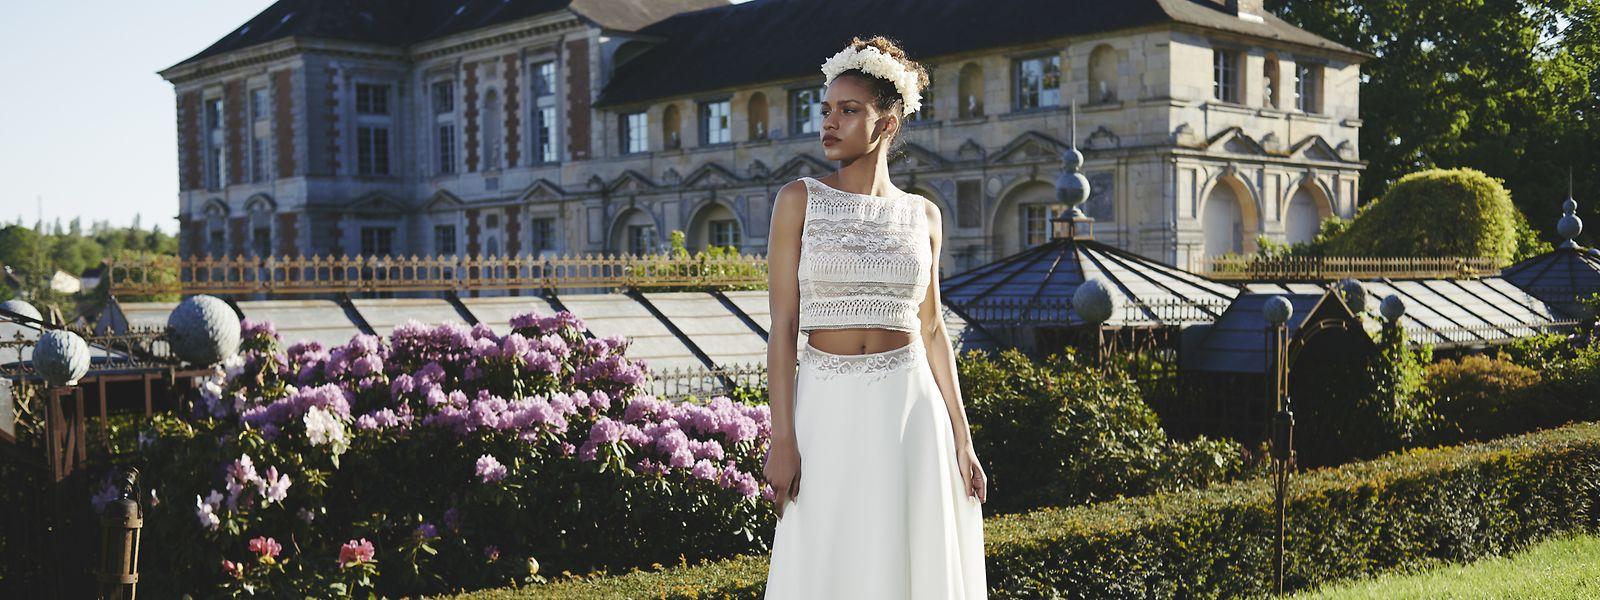 Das zweigeteilte Brautkleid mit Top und Rock - das ist ein neuer Trend in der Brautmode. Nach der Hochzeit kann man den Zweiteiler - getrennt voneinander - nämlich nochmals tragen.